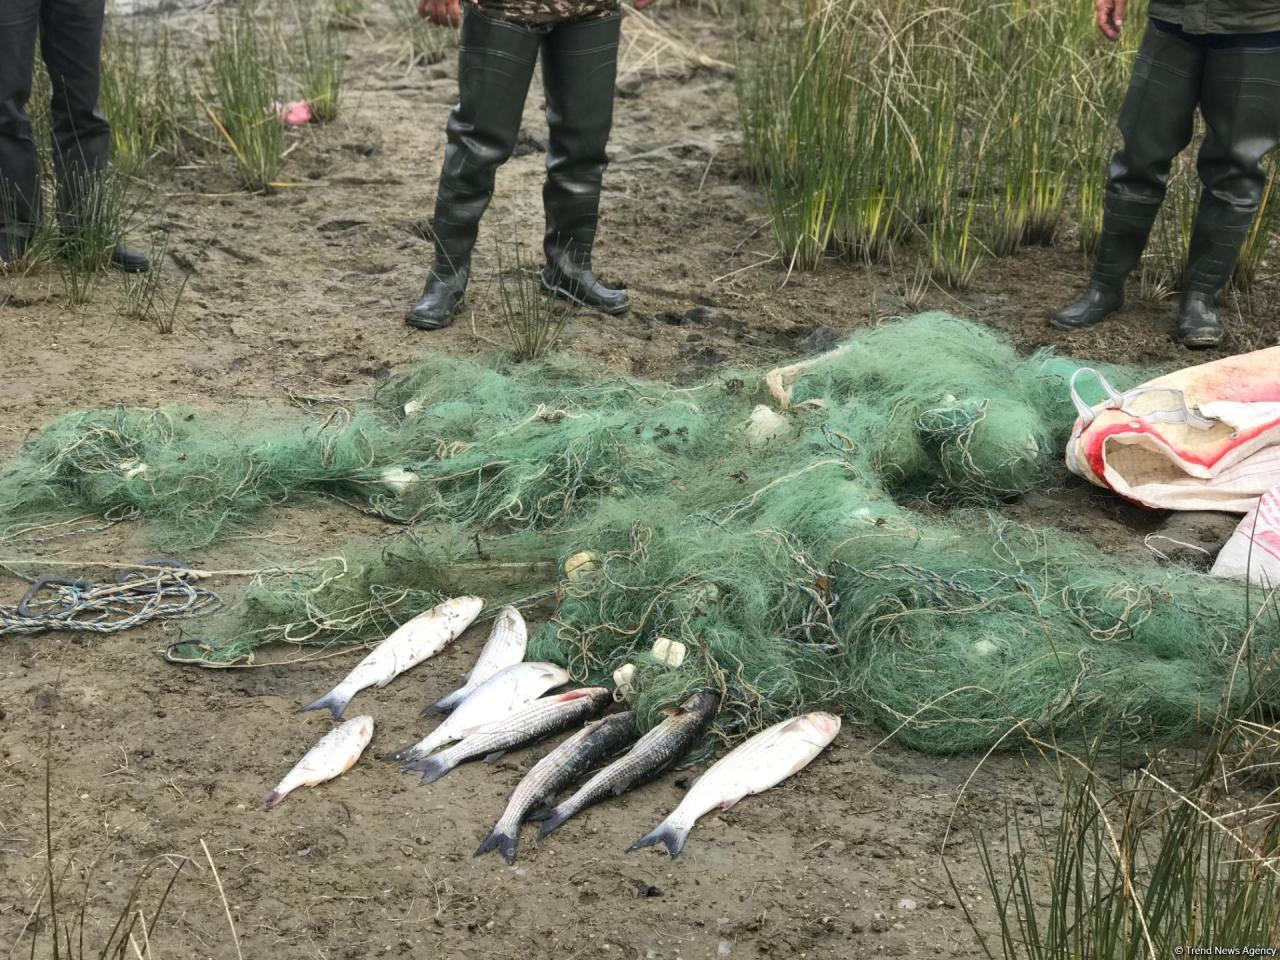 Побережье поселка Зиря очистили от запрещенных орудий рыболовства